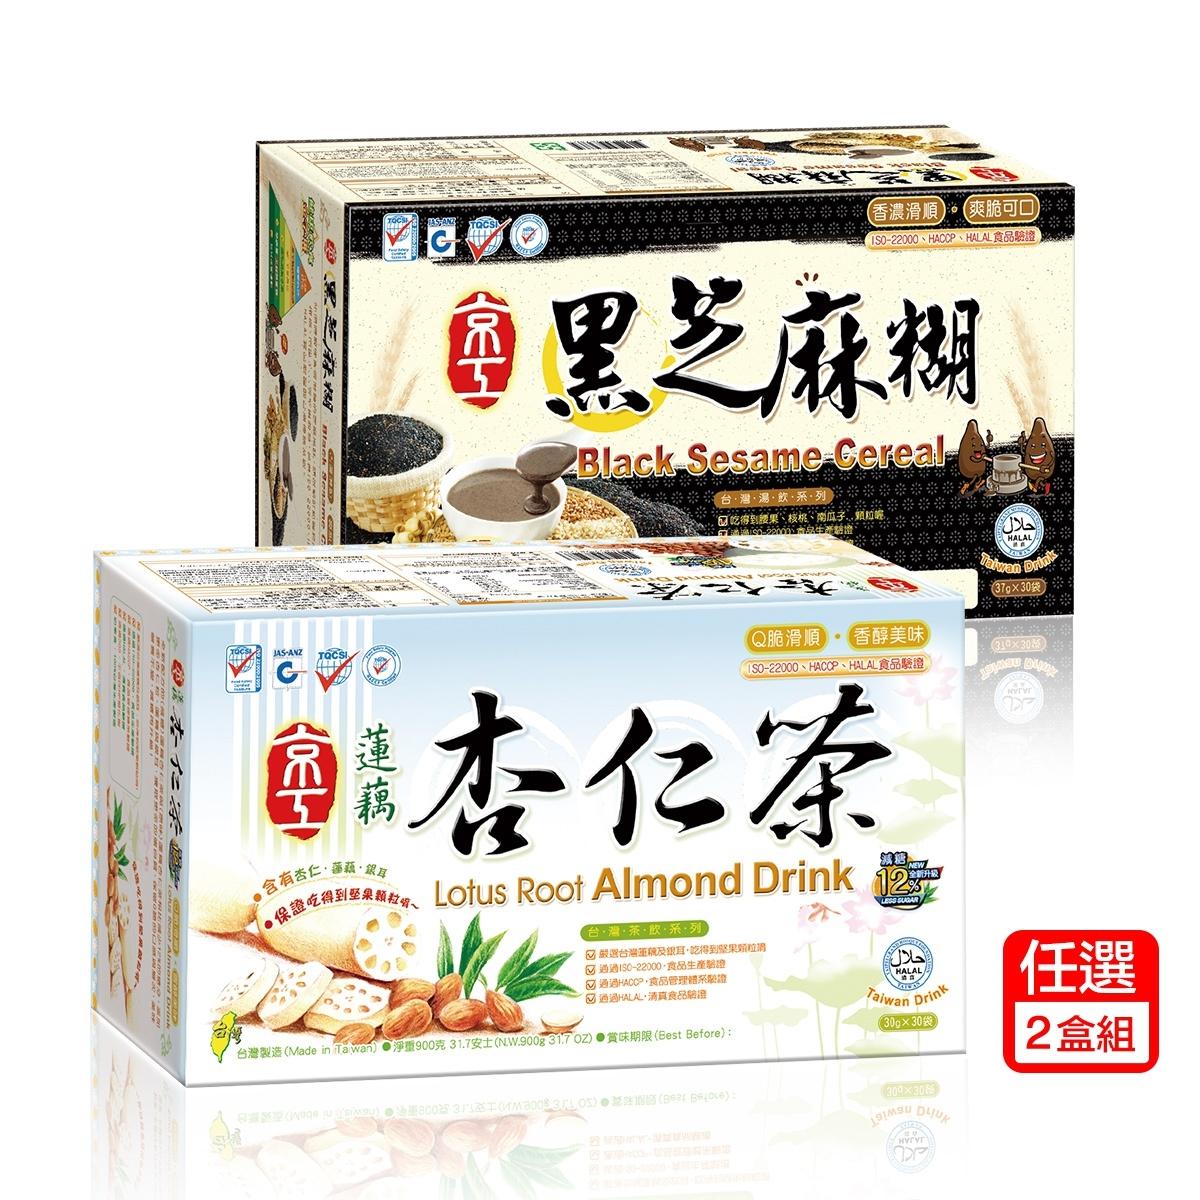 【京工】30入商品 超值任選2盒